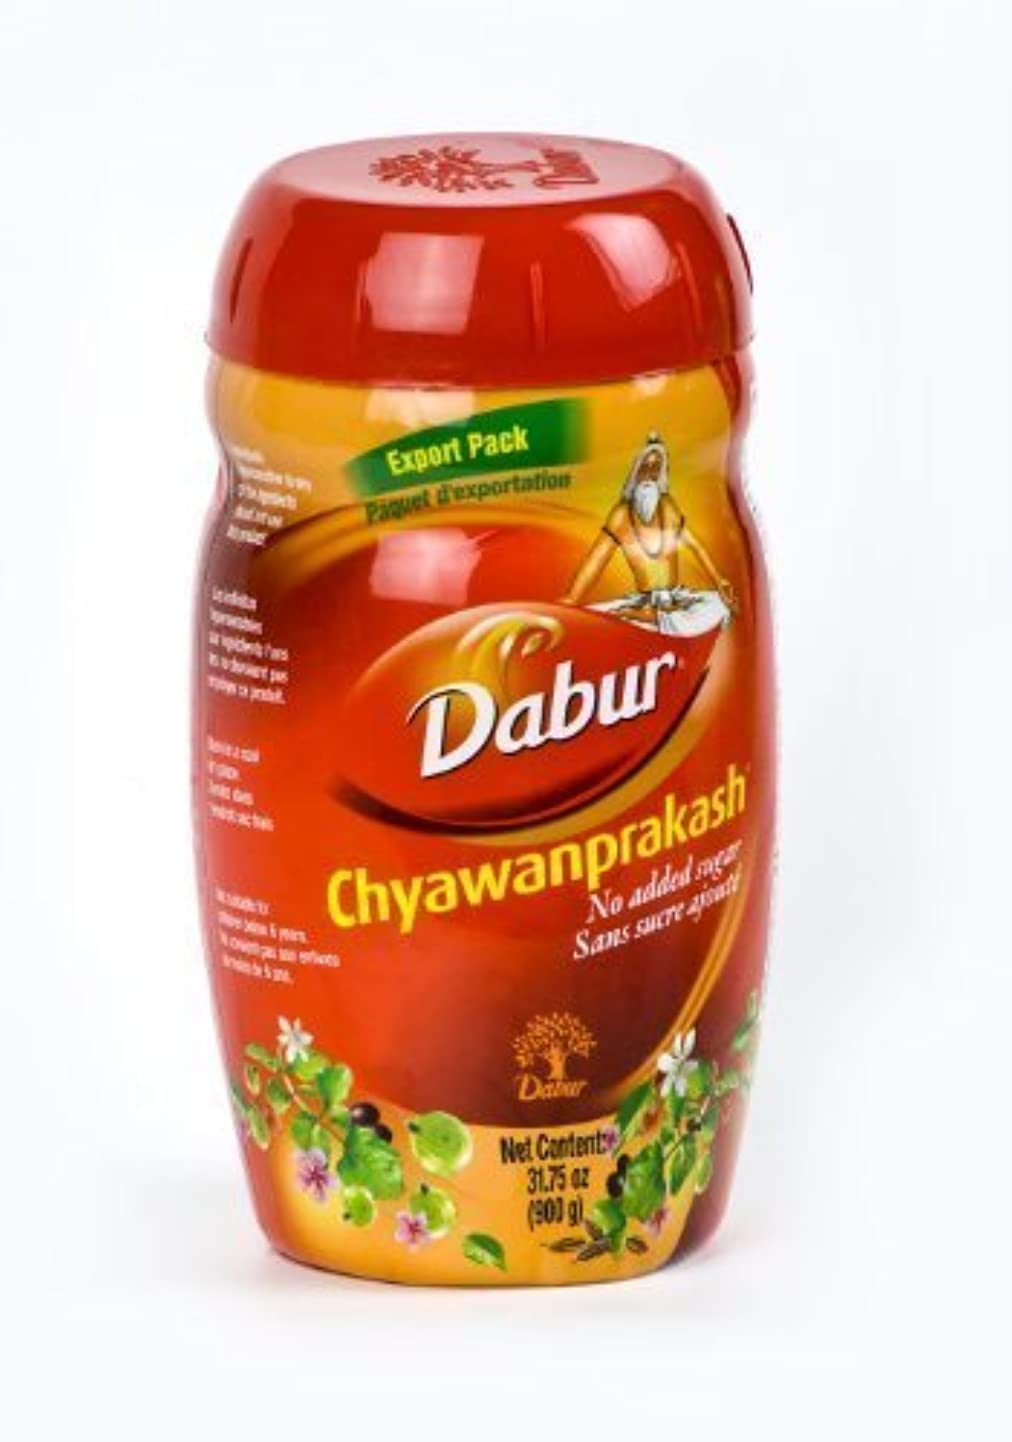 ストライド不変アドバイスDabur Chywan Prakash (Chyawanprash) No Added Sugar 900g by Dabur [並行輸入品]